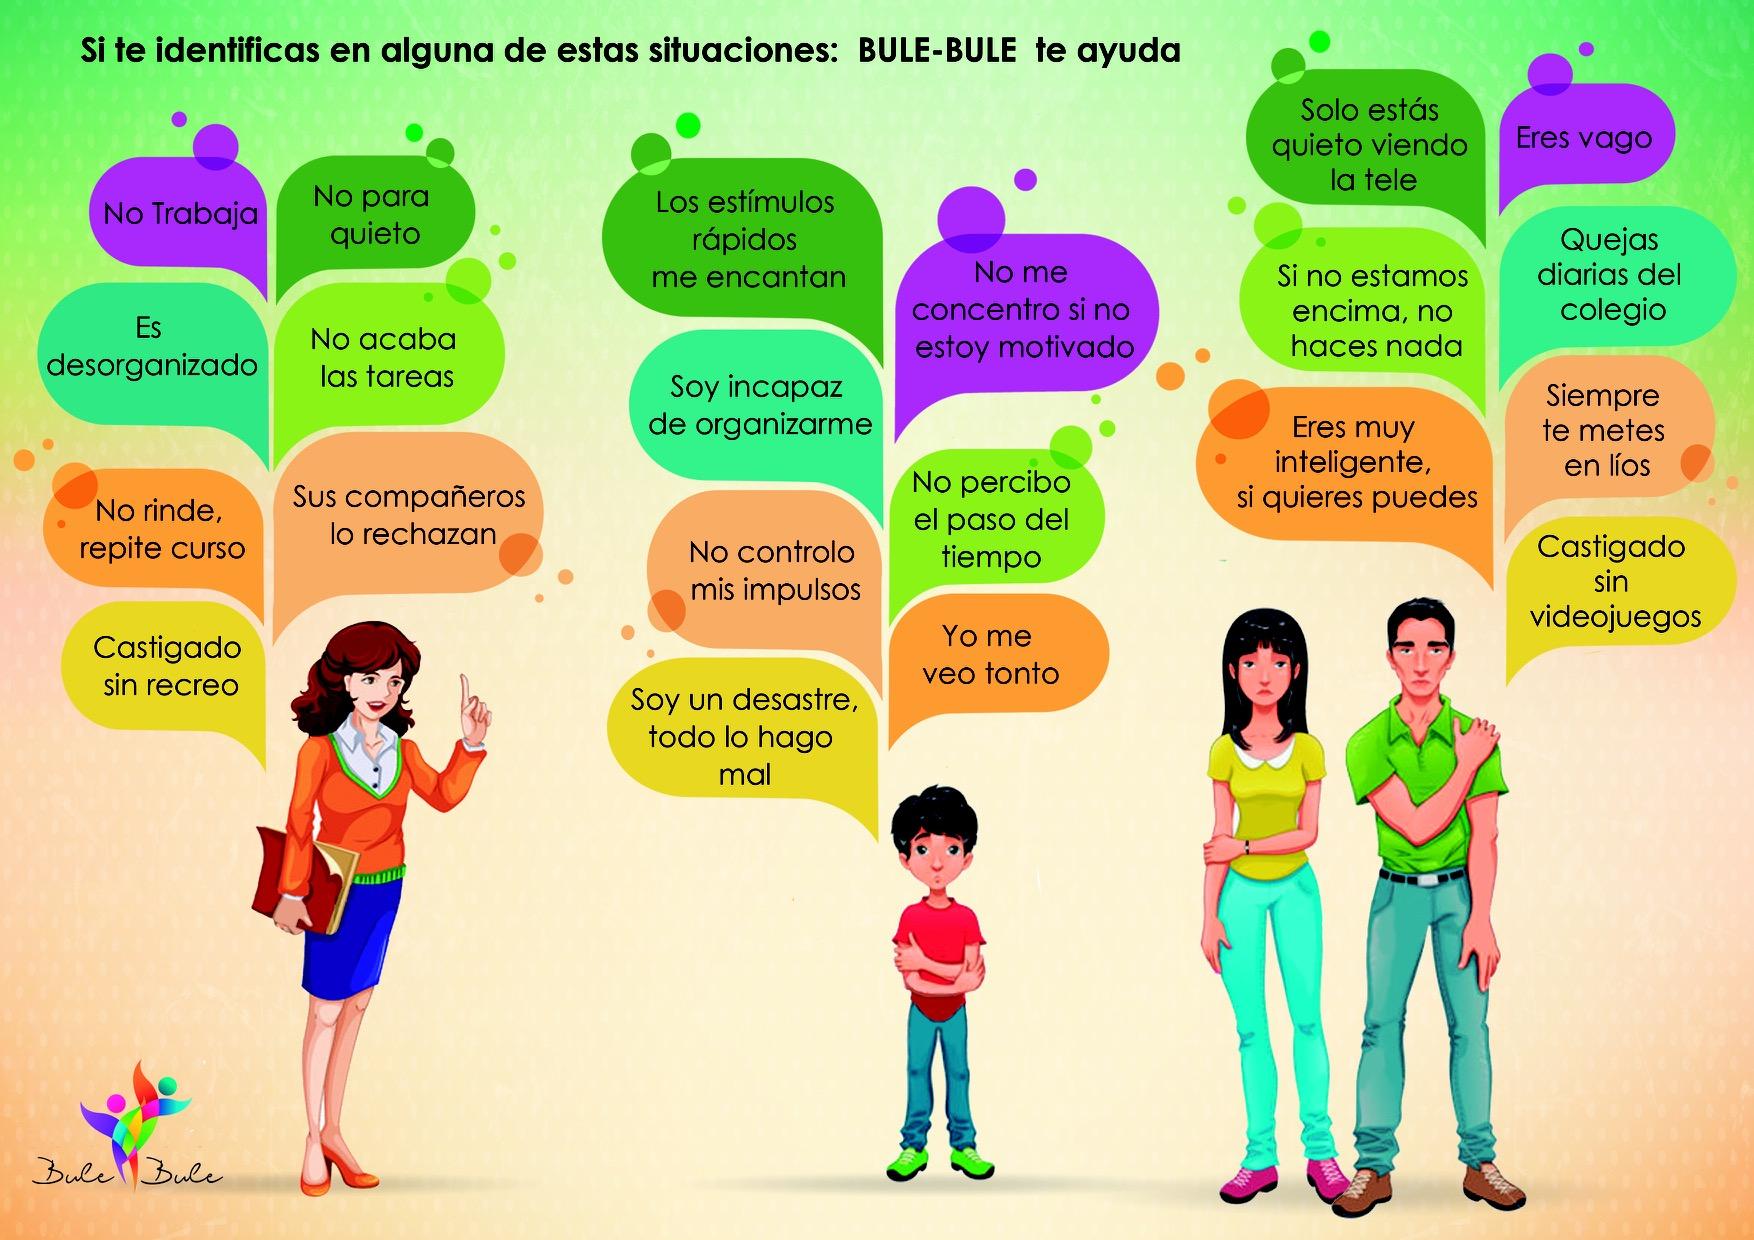 Cara Interior TDAH Bule Bule Lugo